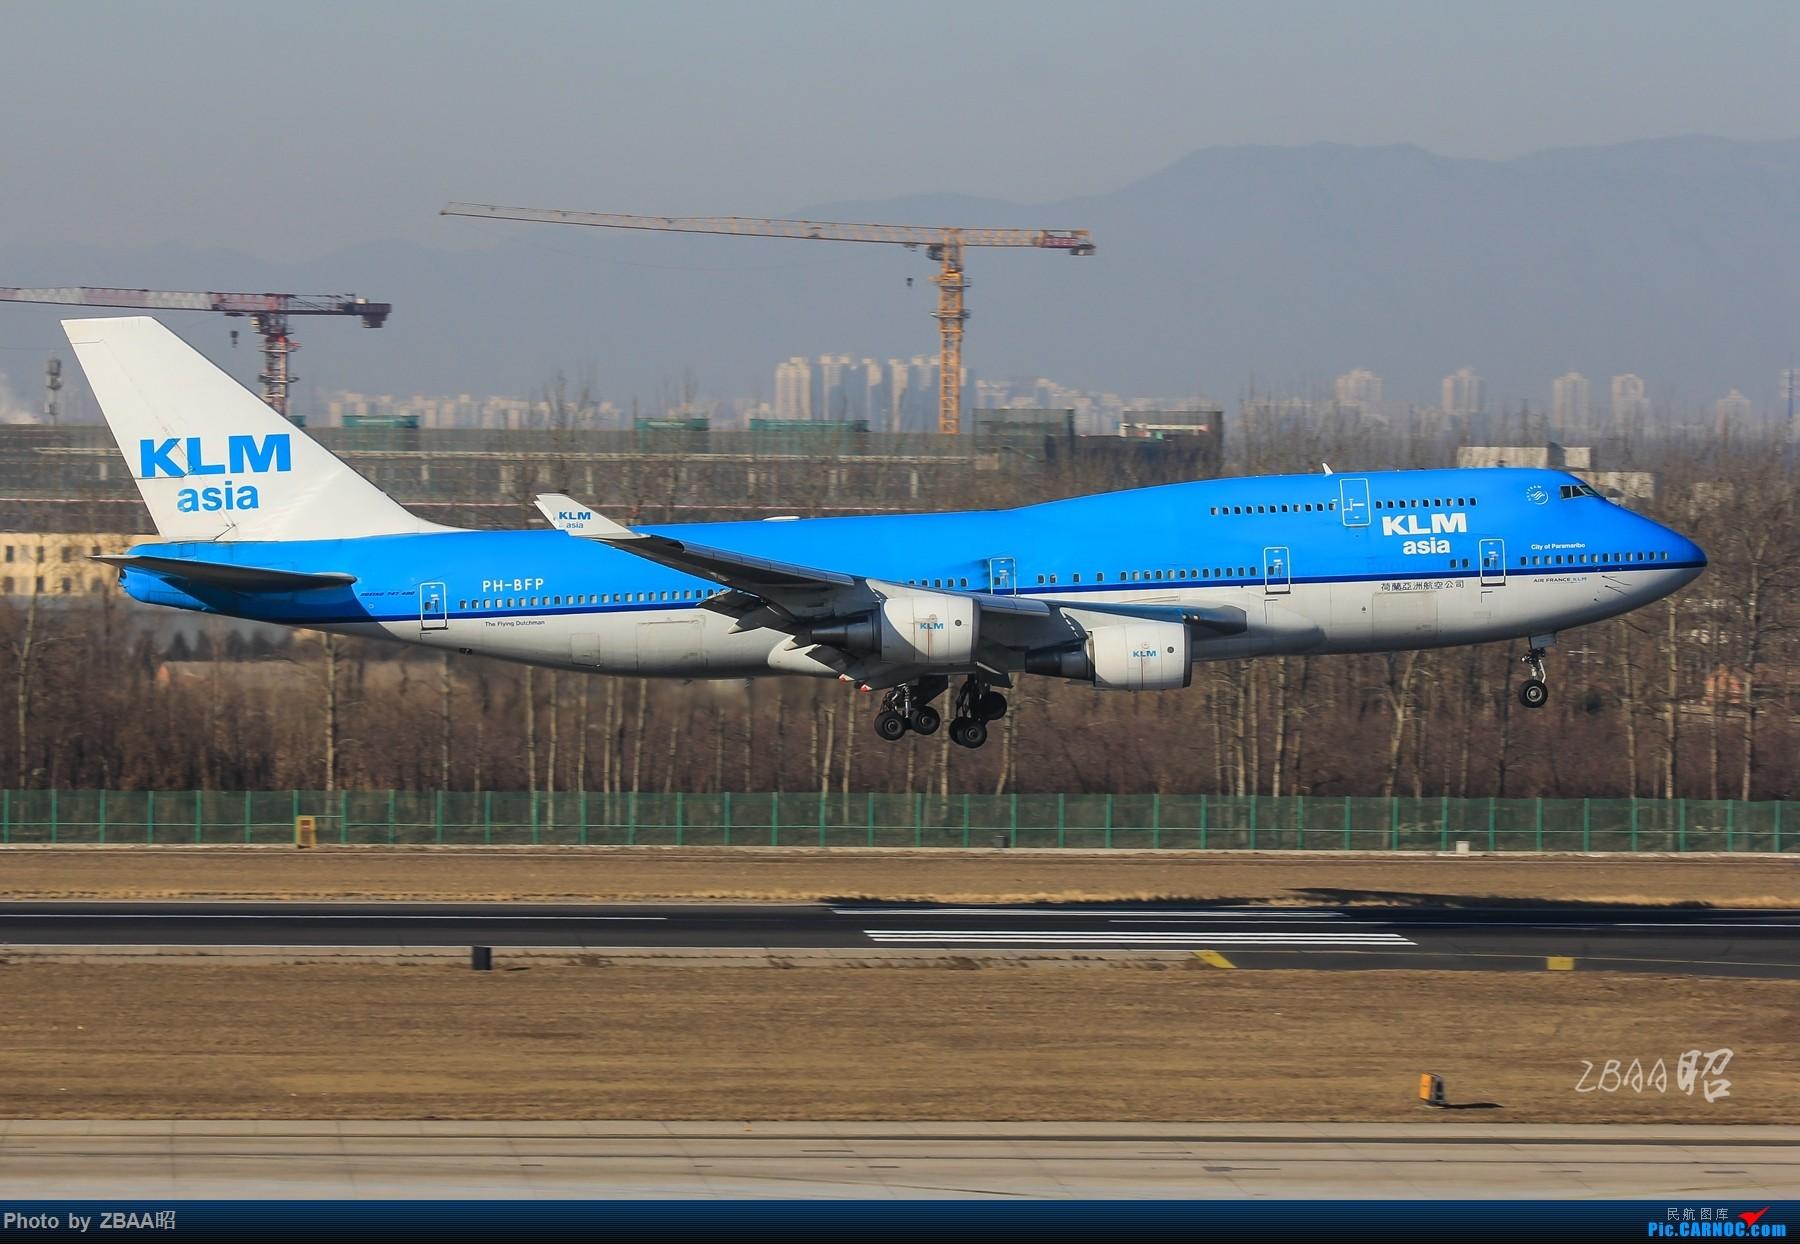 Re:[原创]飞友聚会后的独自疯狂,格林豪泰隔天怒打ZBAA 36L跑道,夜拍海航宽体机,寒风中坚守楼顶阵地 BOEING 747-400 PH-BFP 中国北京首都国际机场